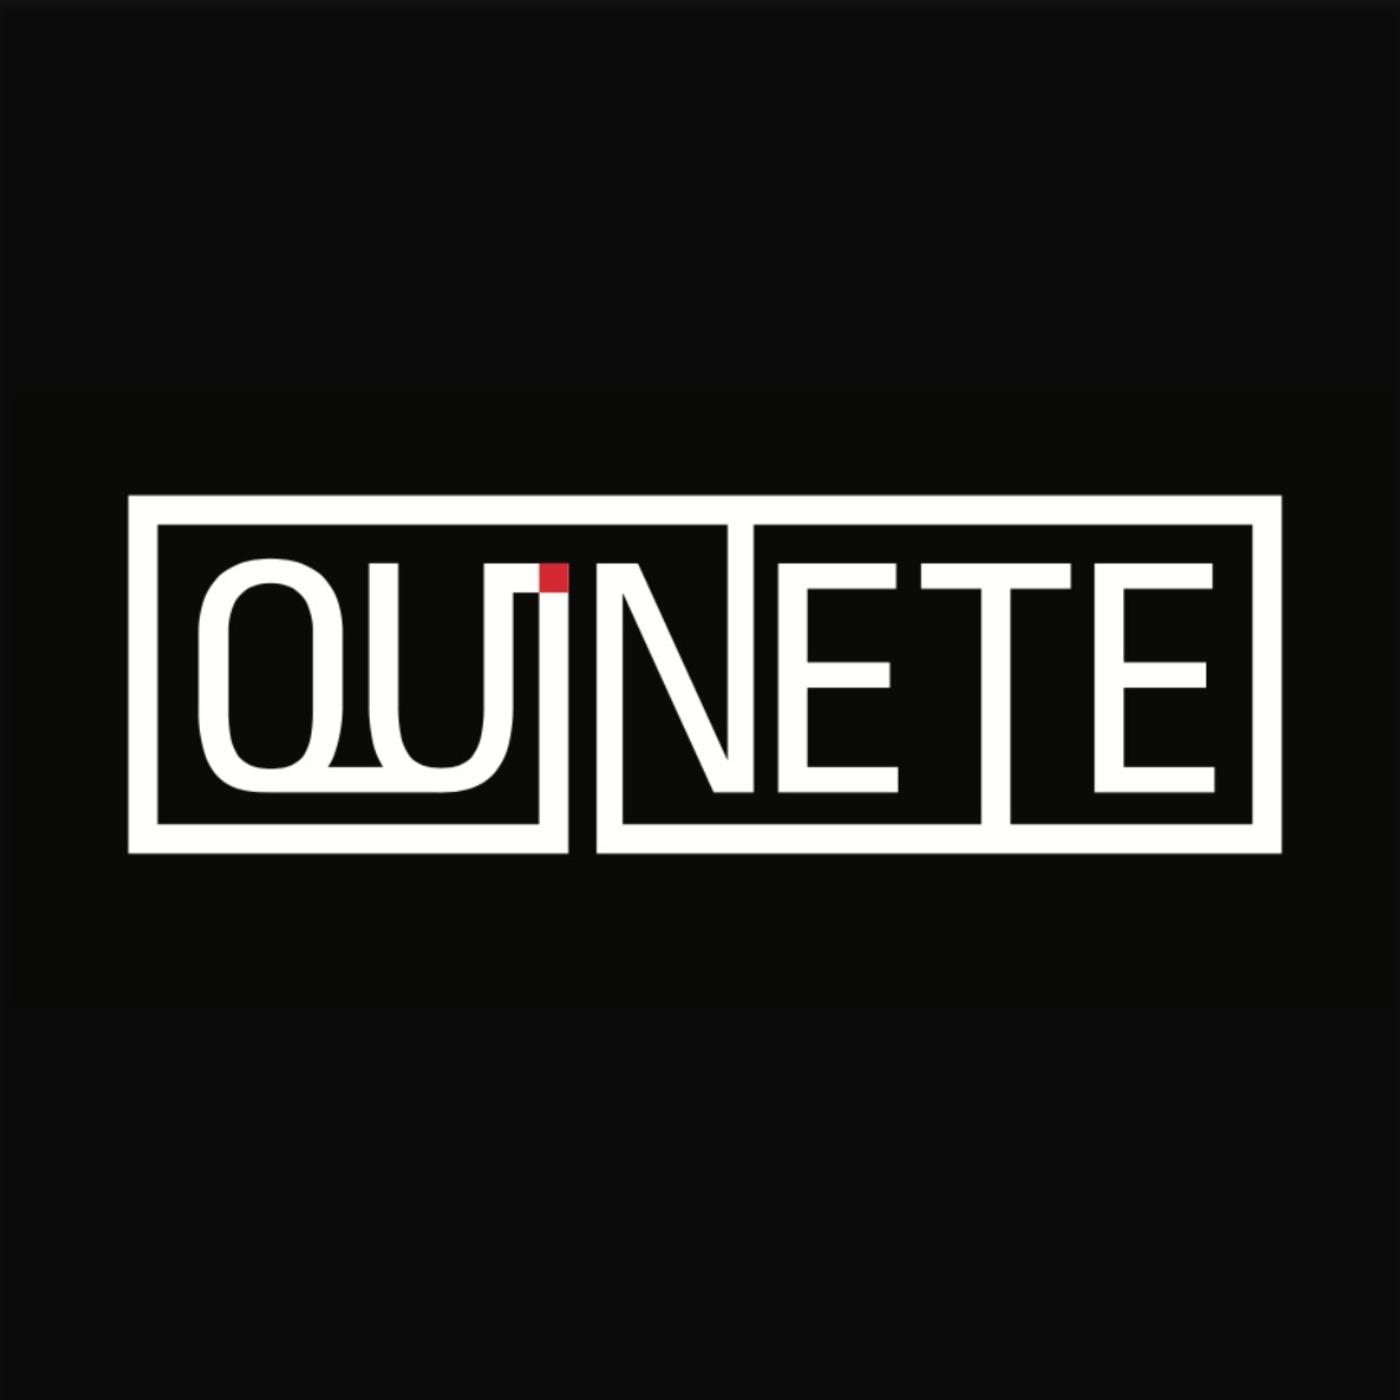 Quinete Podcast